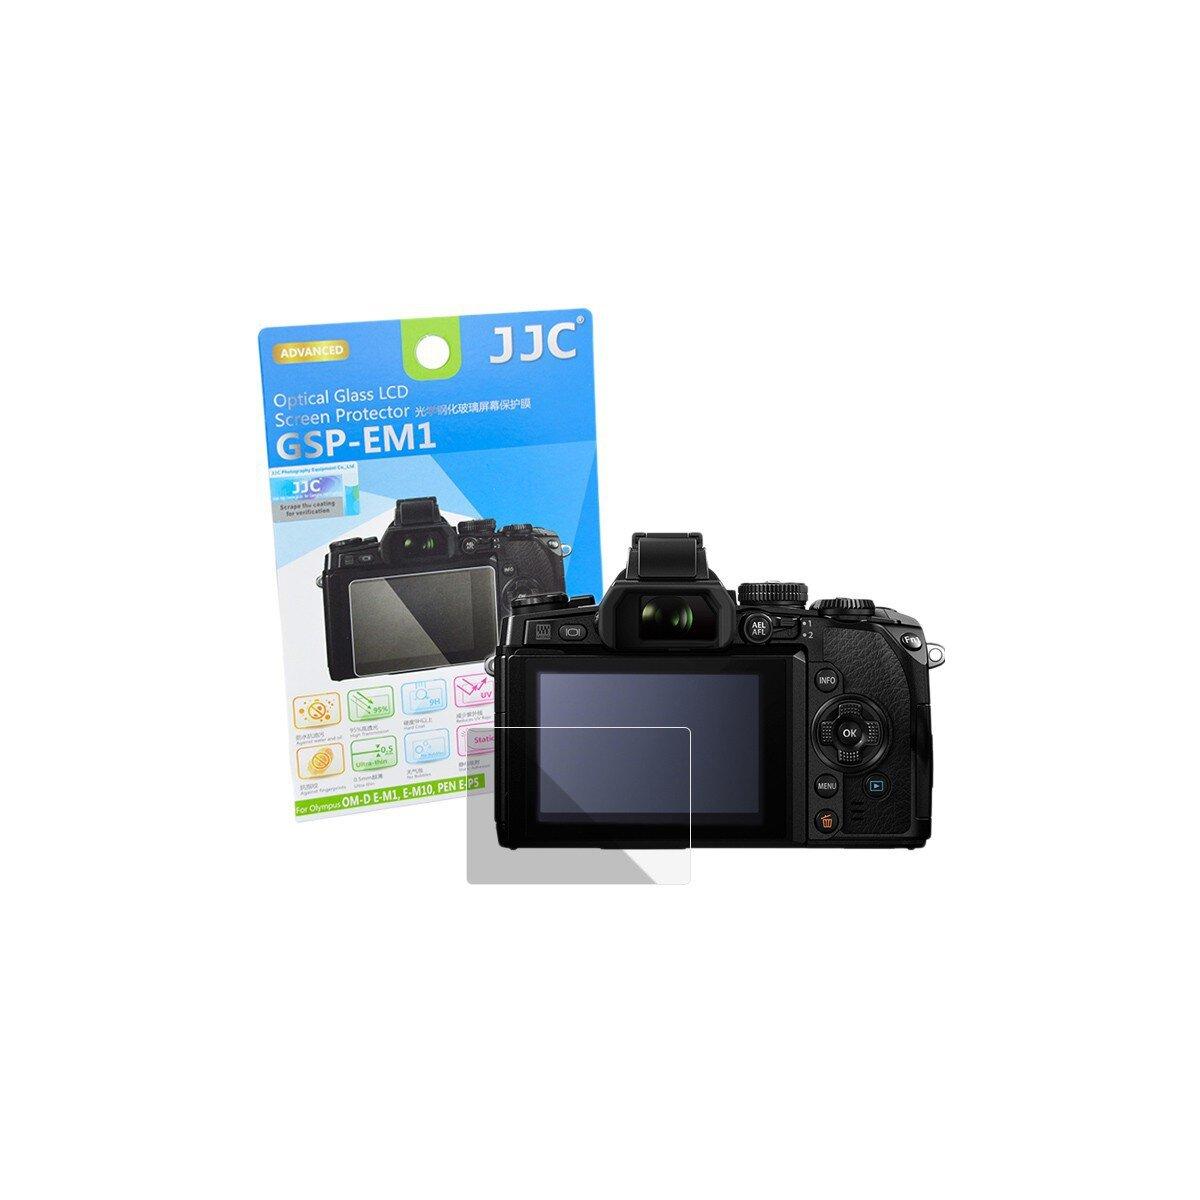 Hochwertiger Displayschutz Screen Protector aus gehaertetem Echtglas, passend fuer Olympus OM-D E-M1, E-M10, E-M5 Mark II, PEN E-P5, E-PL7 - JJC GSP-EM1